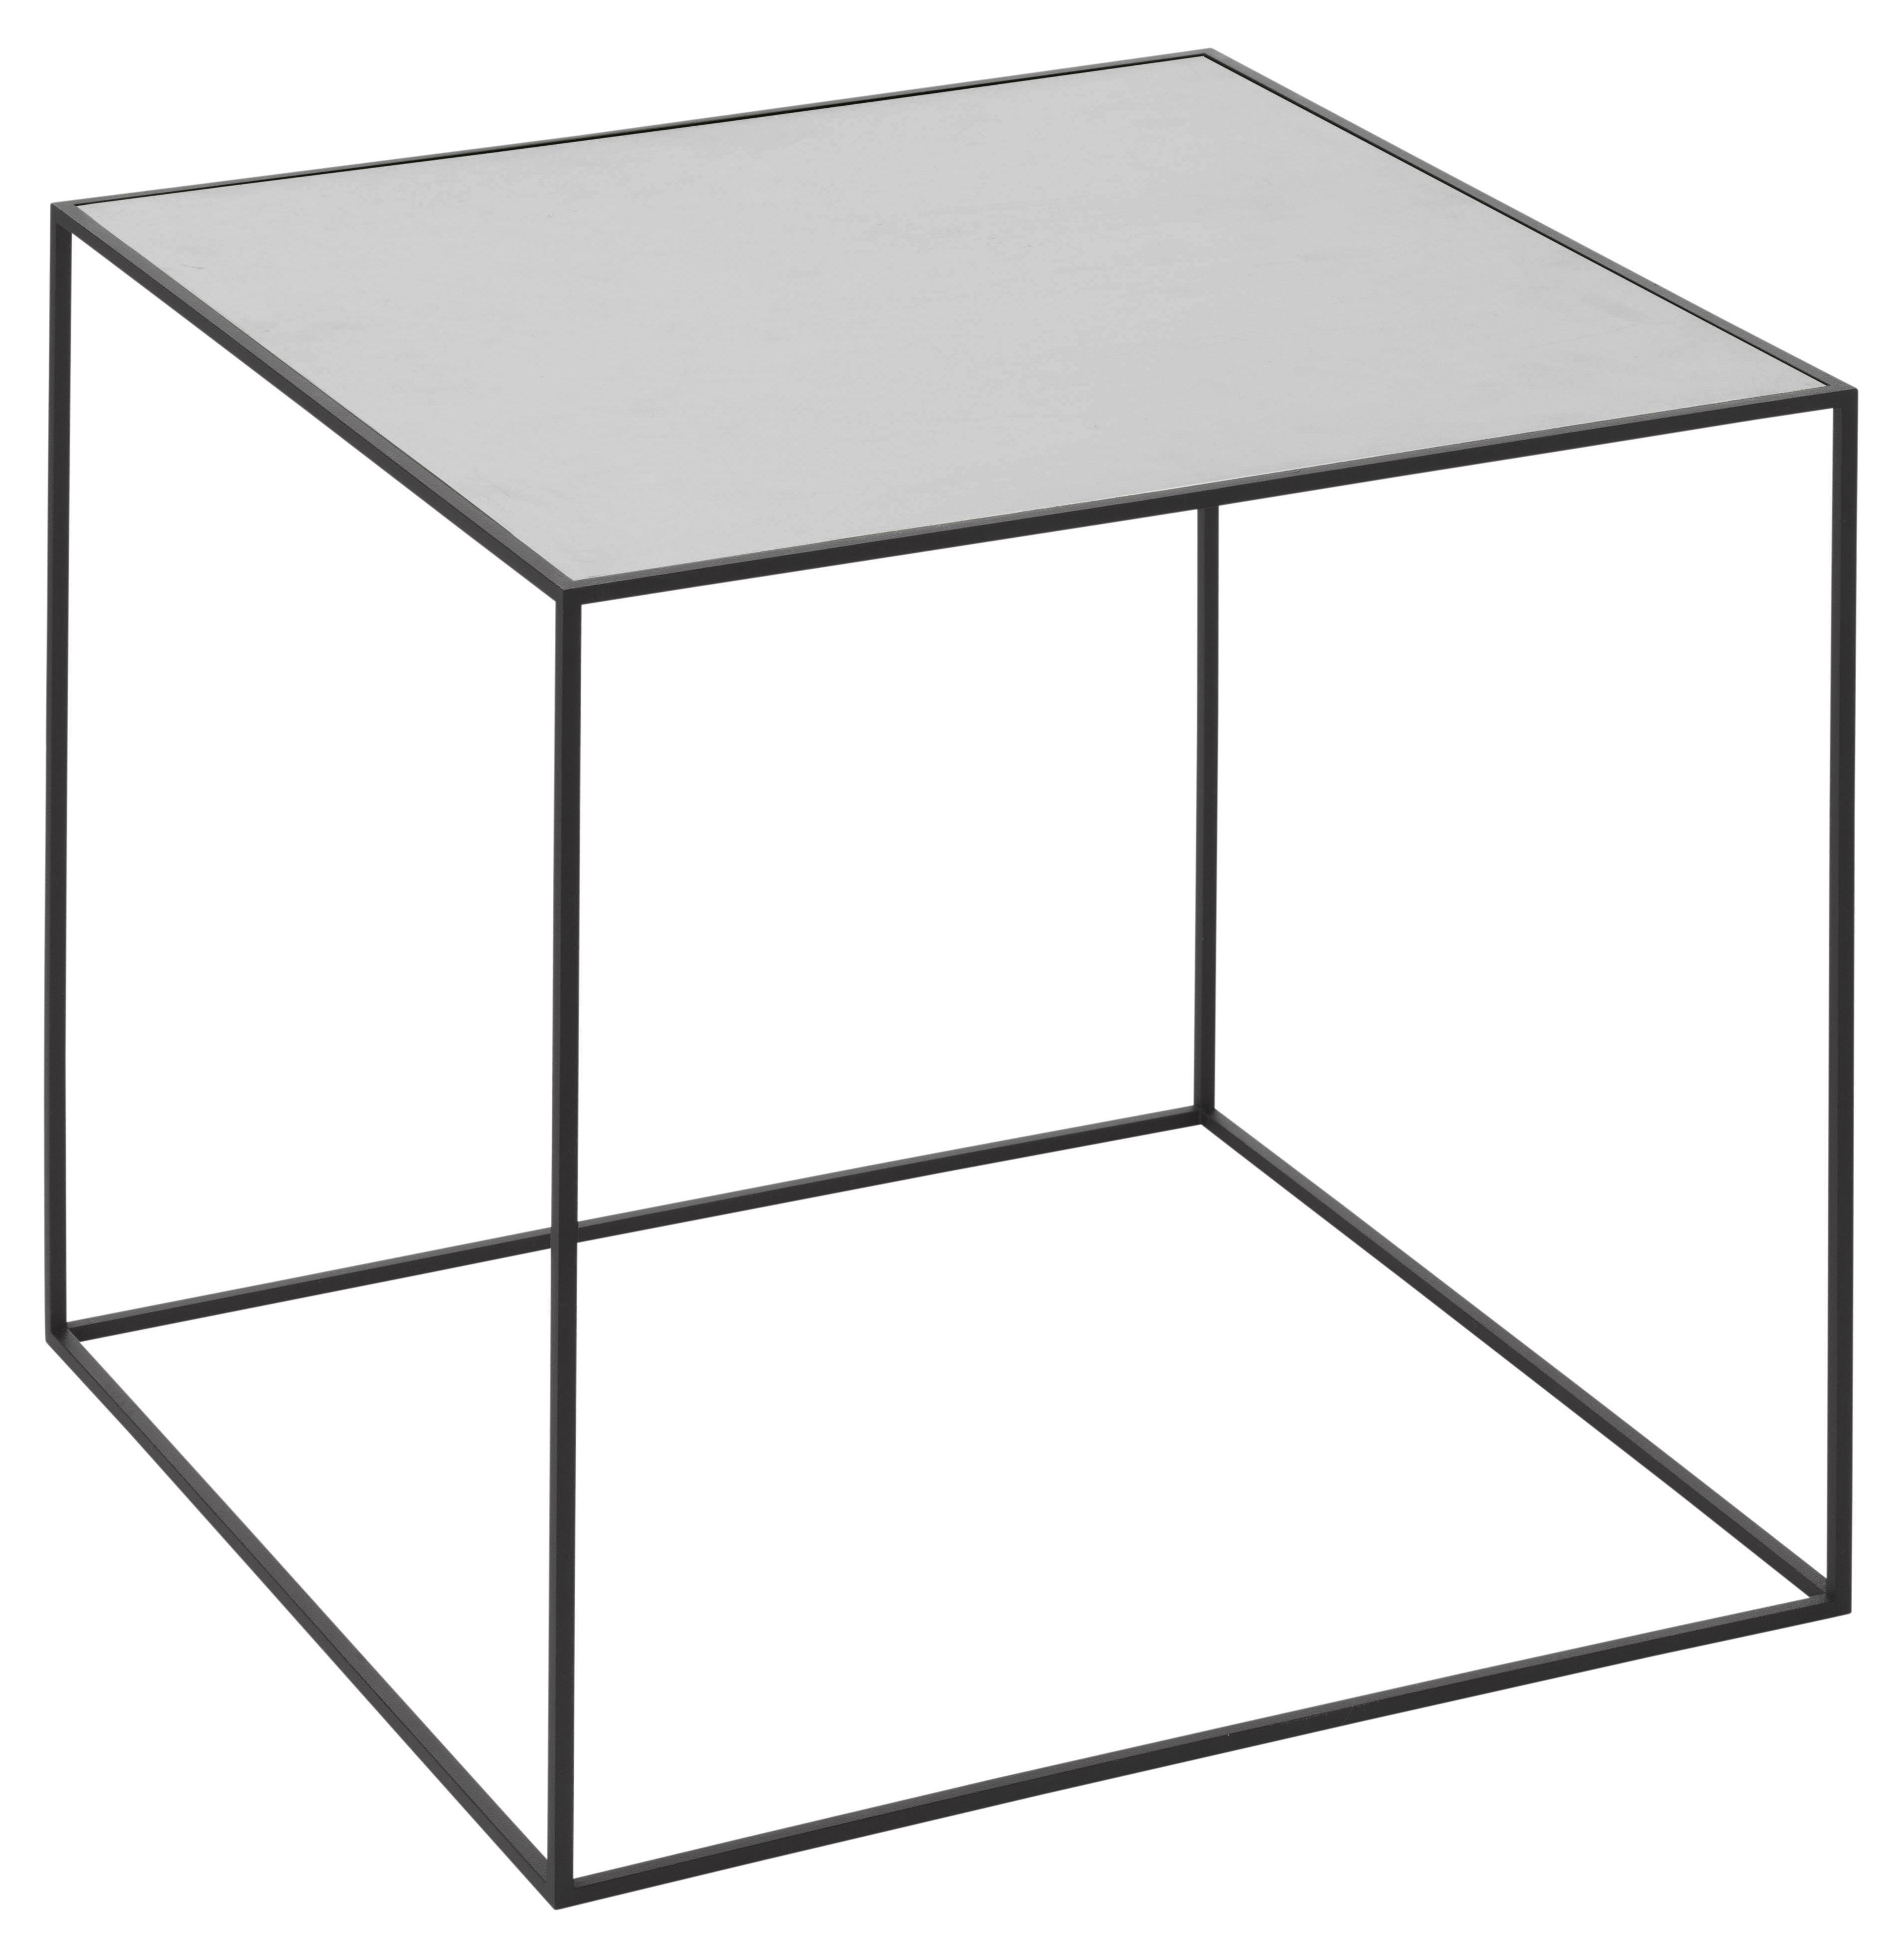 Arredamento - Tavolini  - Tavolino d'appoggio Twin - / L 42 x H 42 cm - Piano reversibile di by Lassen - L 42 cm /  1 lato grigio + 1 lato nero - Acciaio laccato, Frassino tinto, Melamina